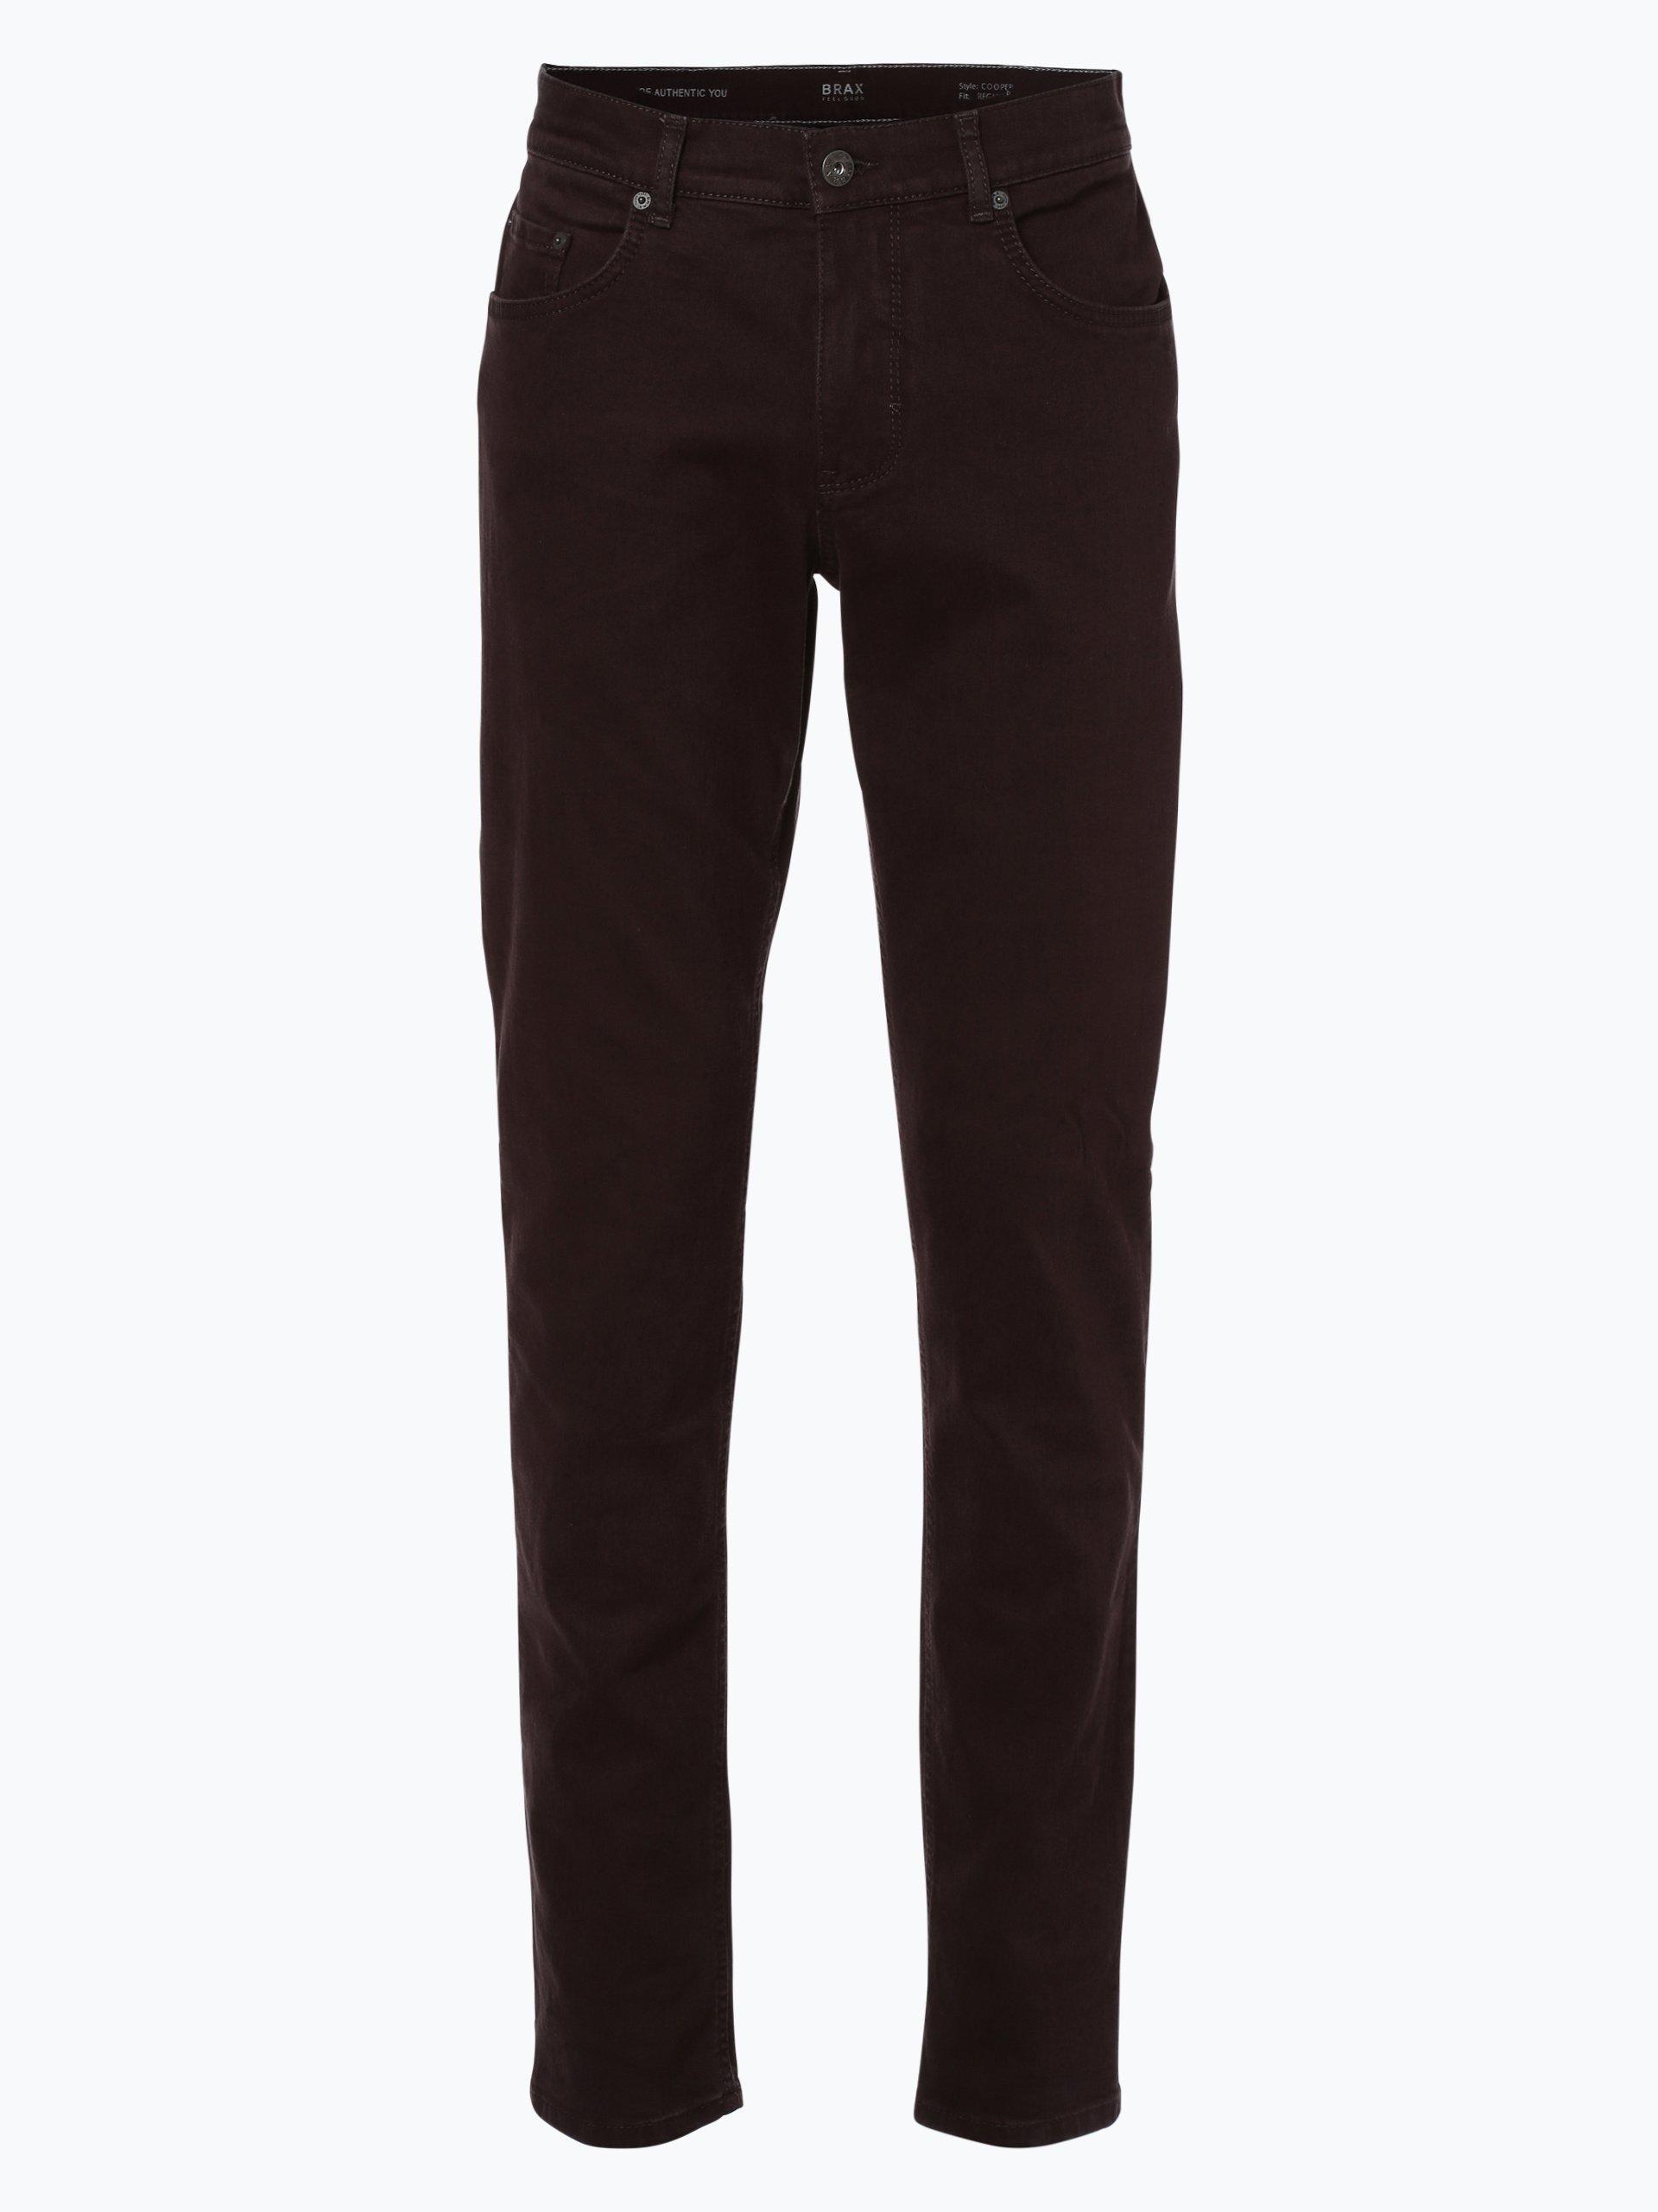 brax herren jeans cooper schoko uni online kaufen peek. Black Bedroom Furniture Sets. Home Design Ideas